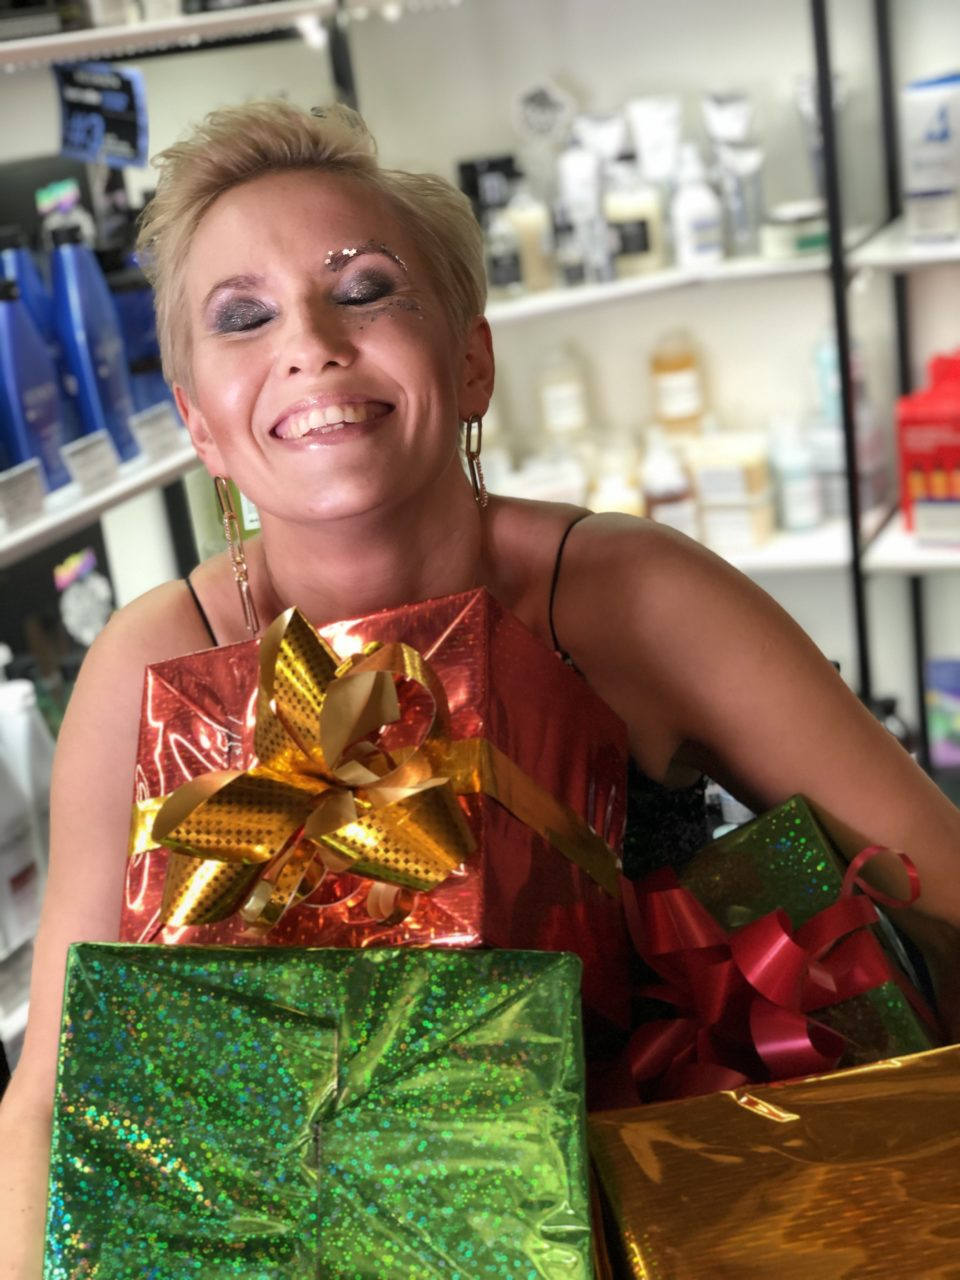 Что подарить маме на новый год? Подарочный сертификат в салон красоты!